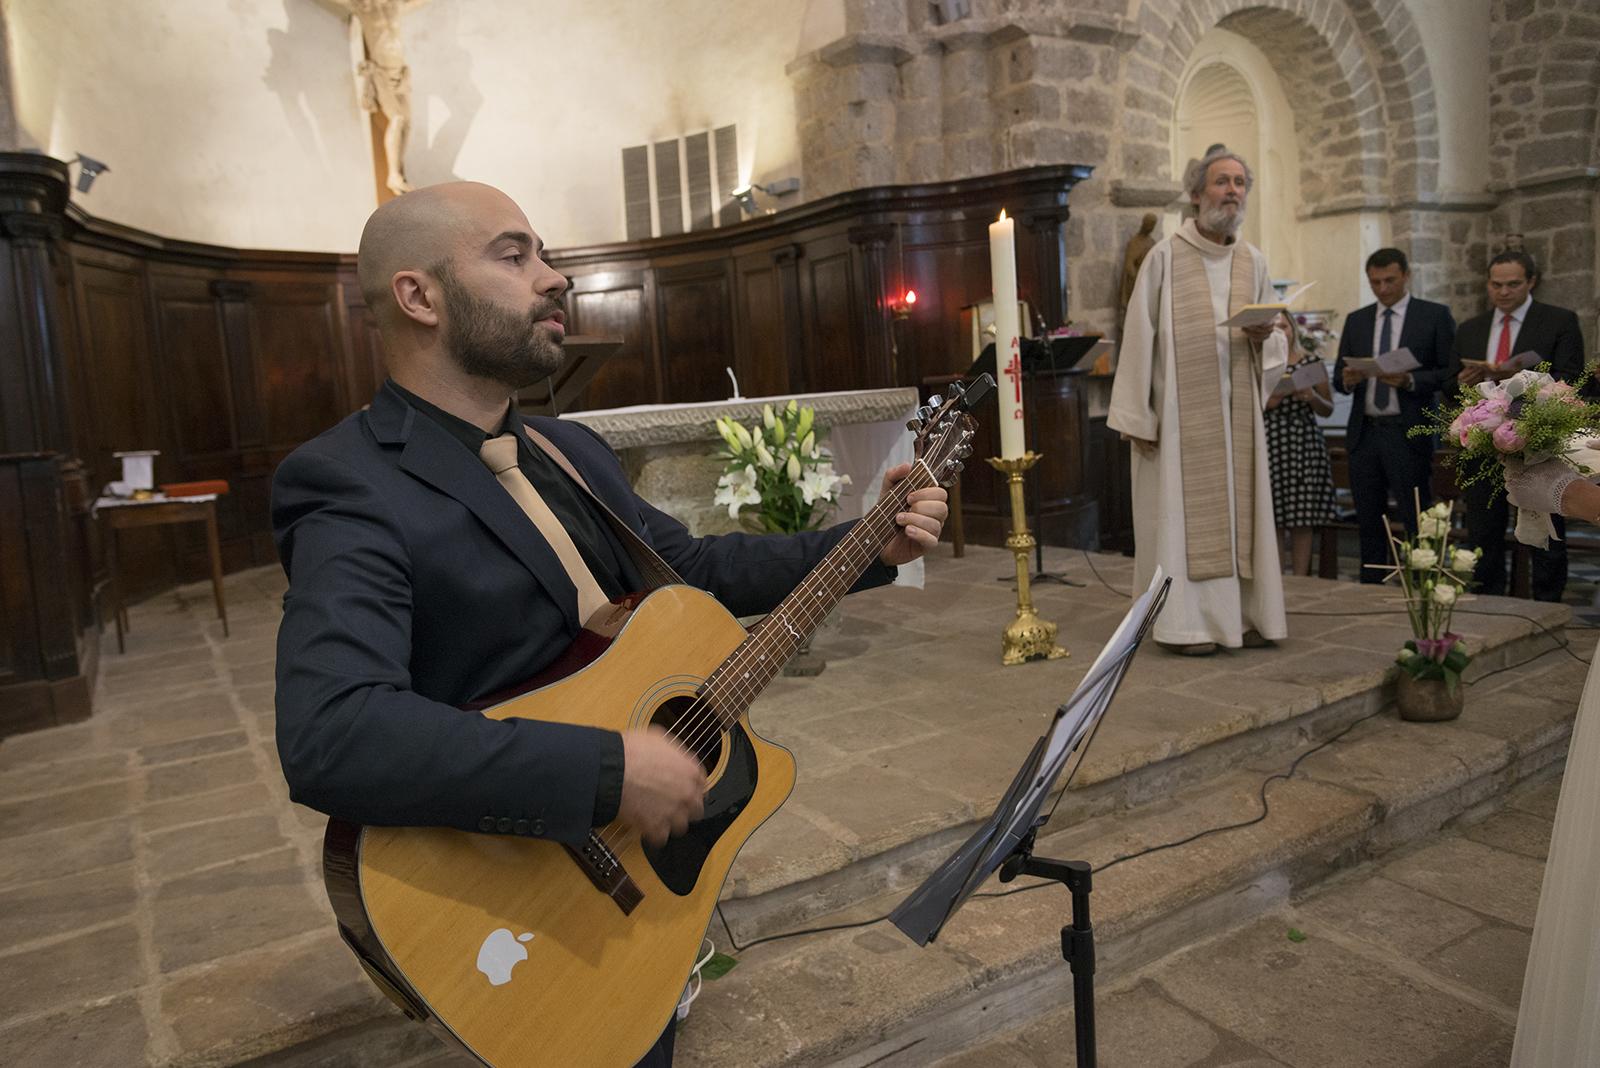 guitariste à l'église lors d'un mariage